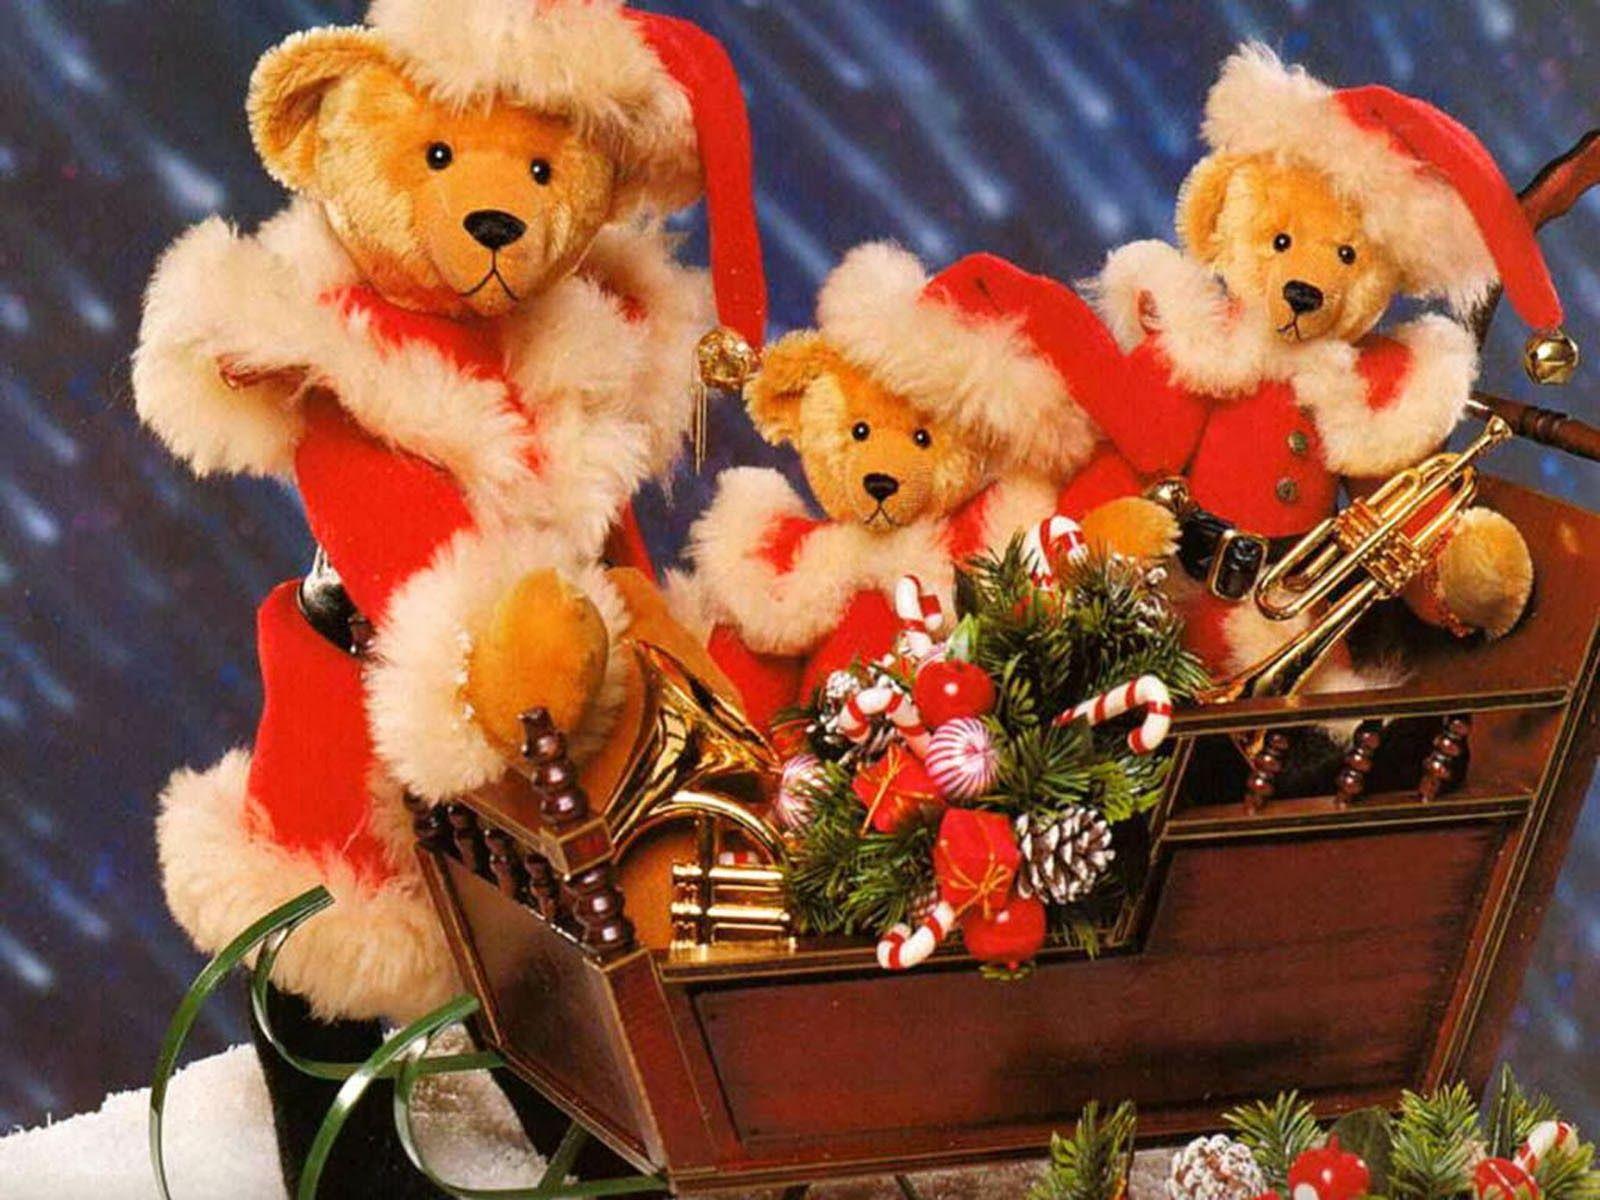 Teddy Bear Free Download Hd Wallpaper Teddy Bear Pinterest Hd